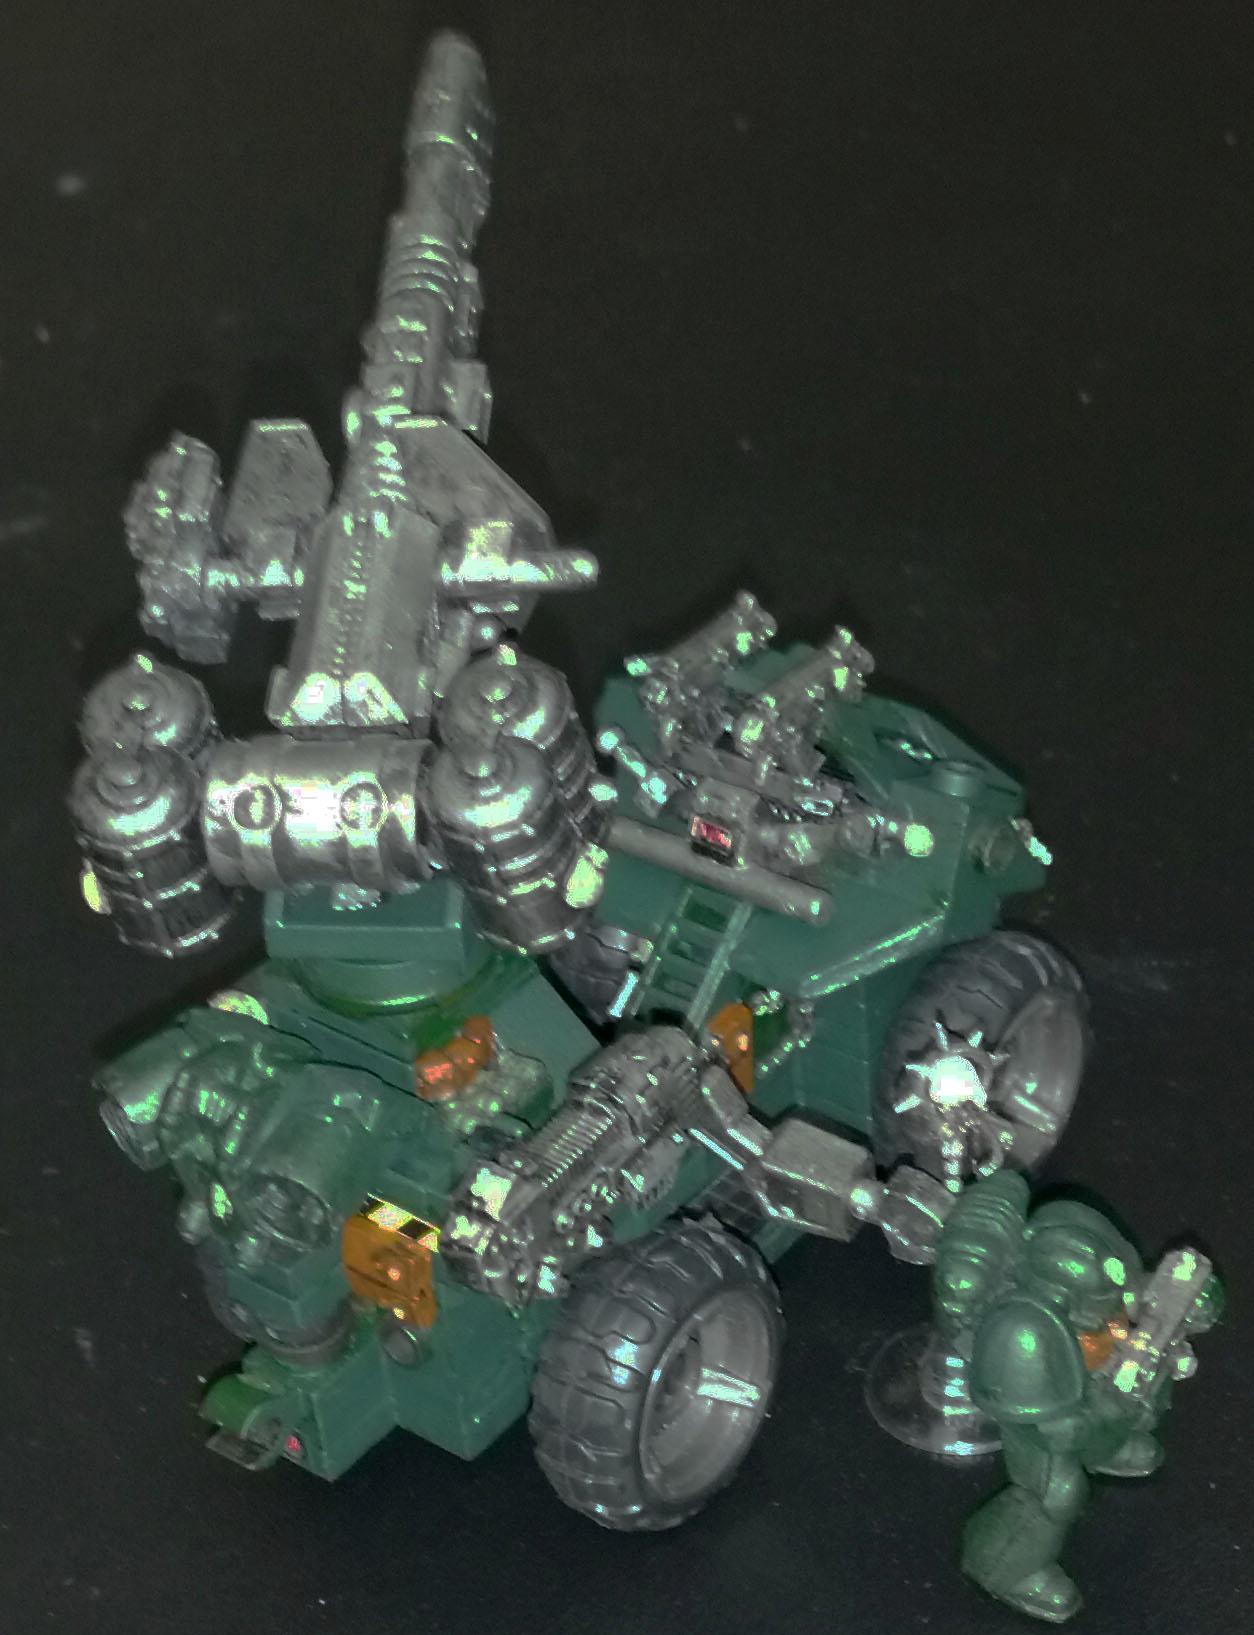 4x4, Army, Astartes, Dark Angels, Darkangels, Jaguar, Military, Nextgen, Ravenwing, Space Marines, Spacemarine, War, Warhammer 40,000, Warhammer Fantasy